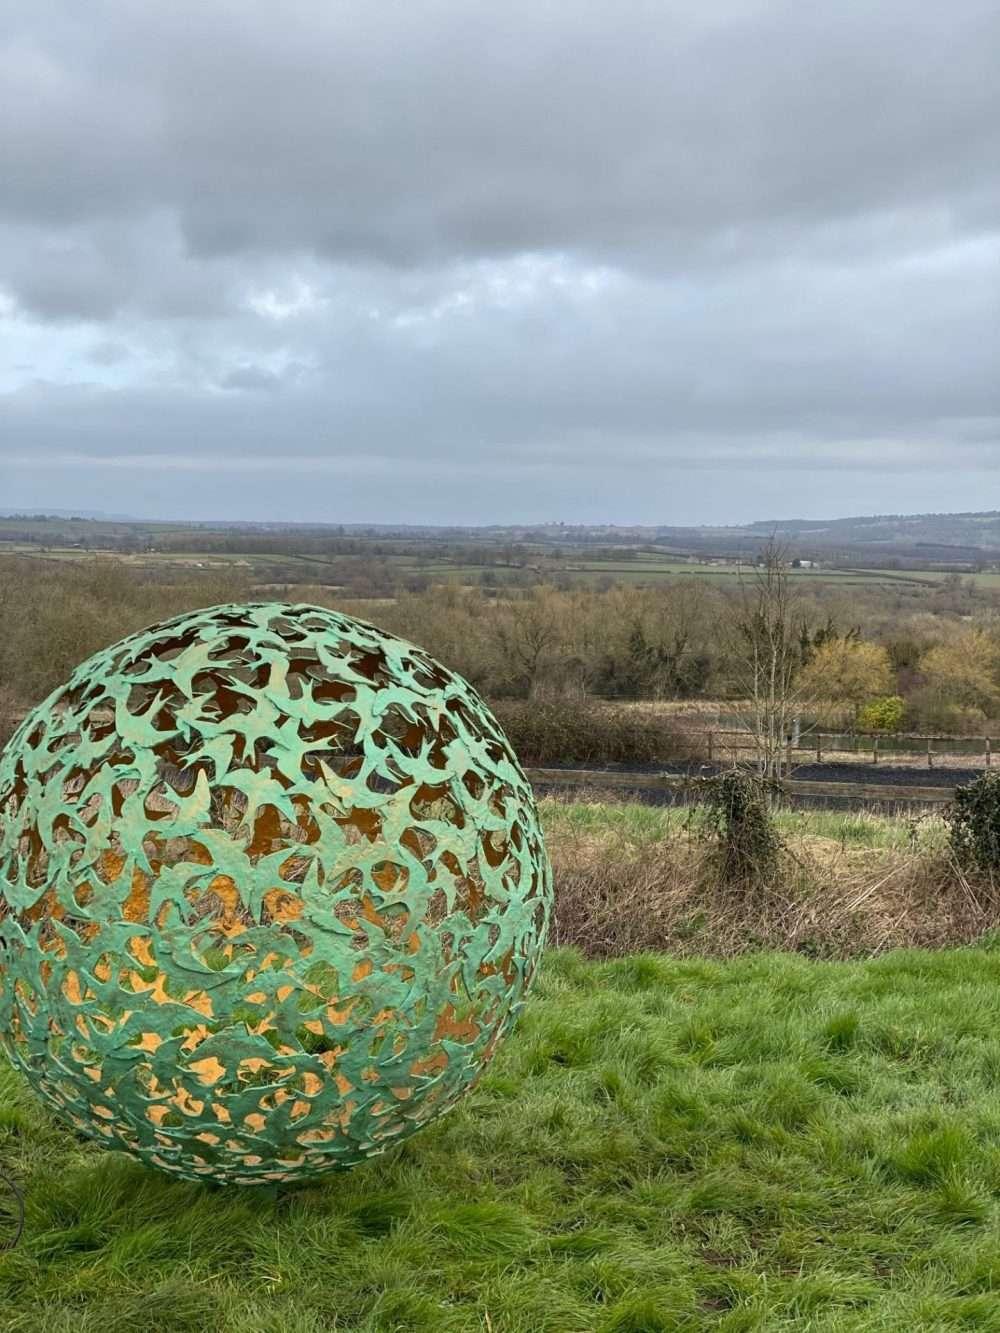 Swift Sphere Sculpture in a field